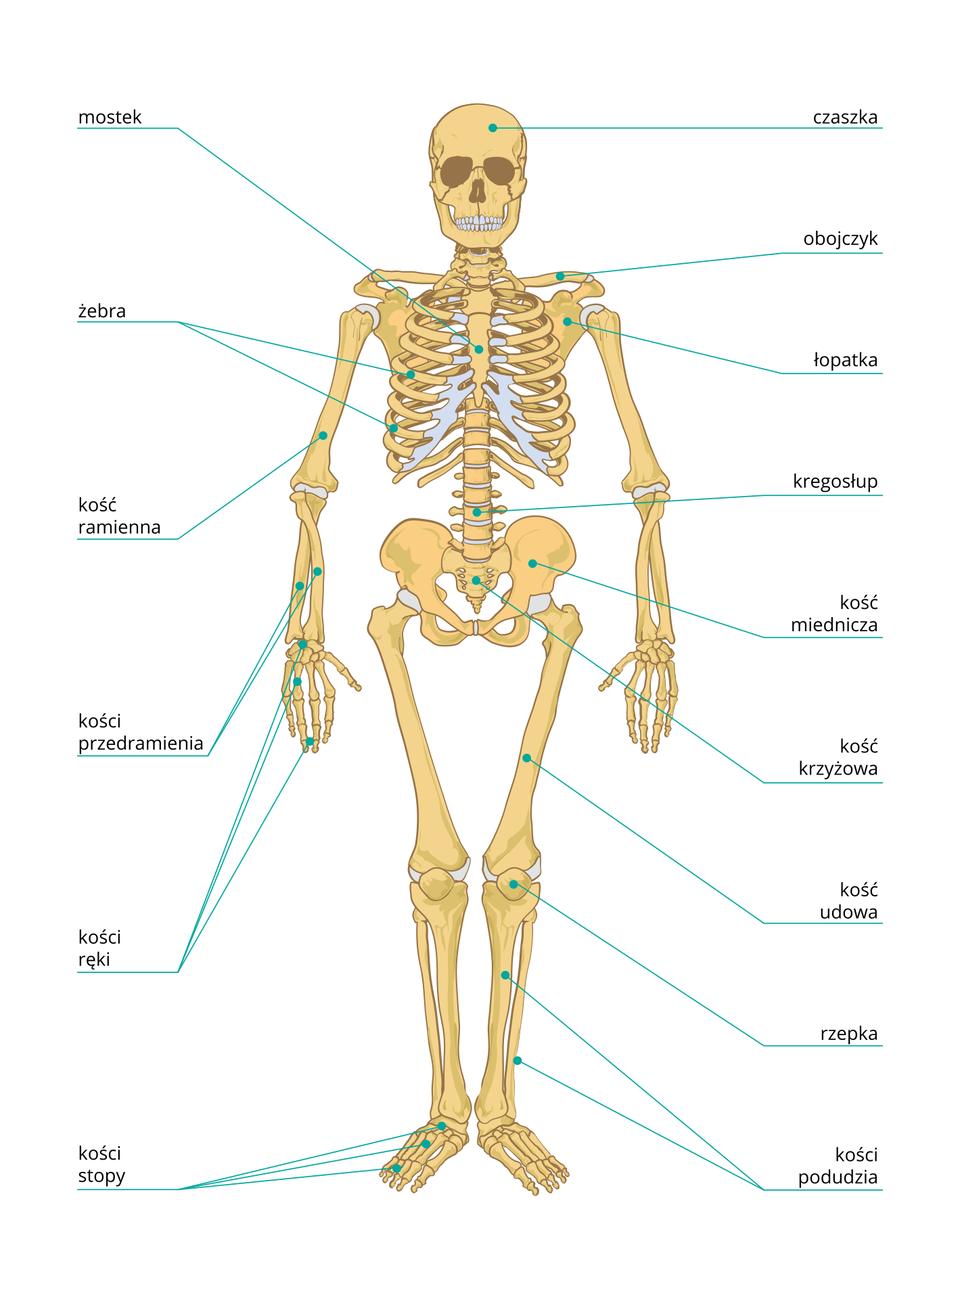 Ilustracja prezentuje szkielet człowieka. Szkielet składa się ze szkieletu osiowego, czyli kręgosłupa oraz osadzonej na nim czaszki. Kręgosłup połączony jest zżebrami, które razem zmostkiem, tworzą klatkę piersiową. Kończyny górne połączone są zkręgosłupem za pomocą obręczy barkowej, która składa się zobojczyków iłopatek. Wskład kończyn górnych wchodzą: kość ramienna, parzyste kości przedramienia oraz kości dłoni. Kończyny dolne połączone są zkręgosłupem za pomocą kości miednicy. Kończyny dolne składają się z: kości udowych, parzystych kości podudzia oraz kości stóp.